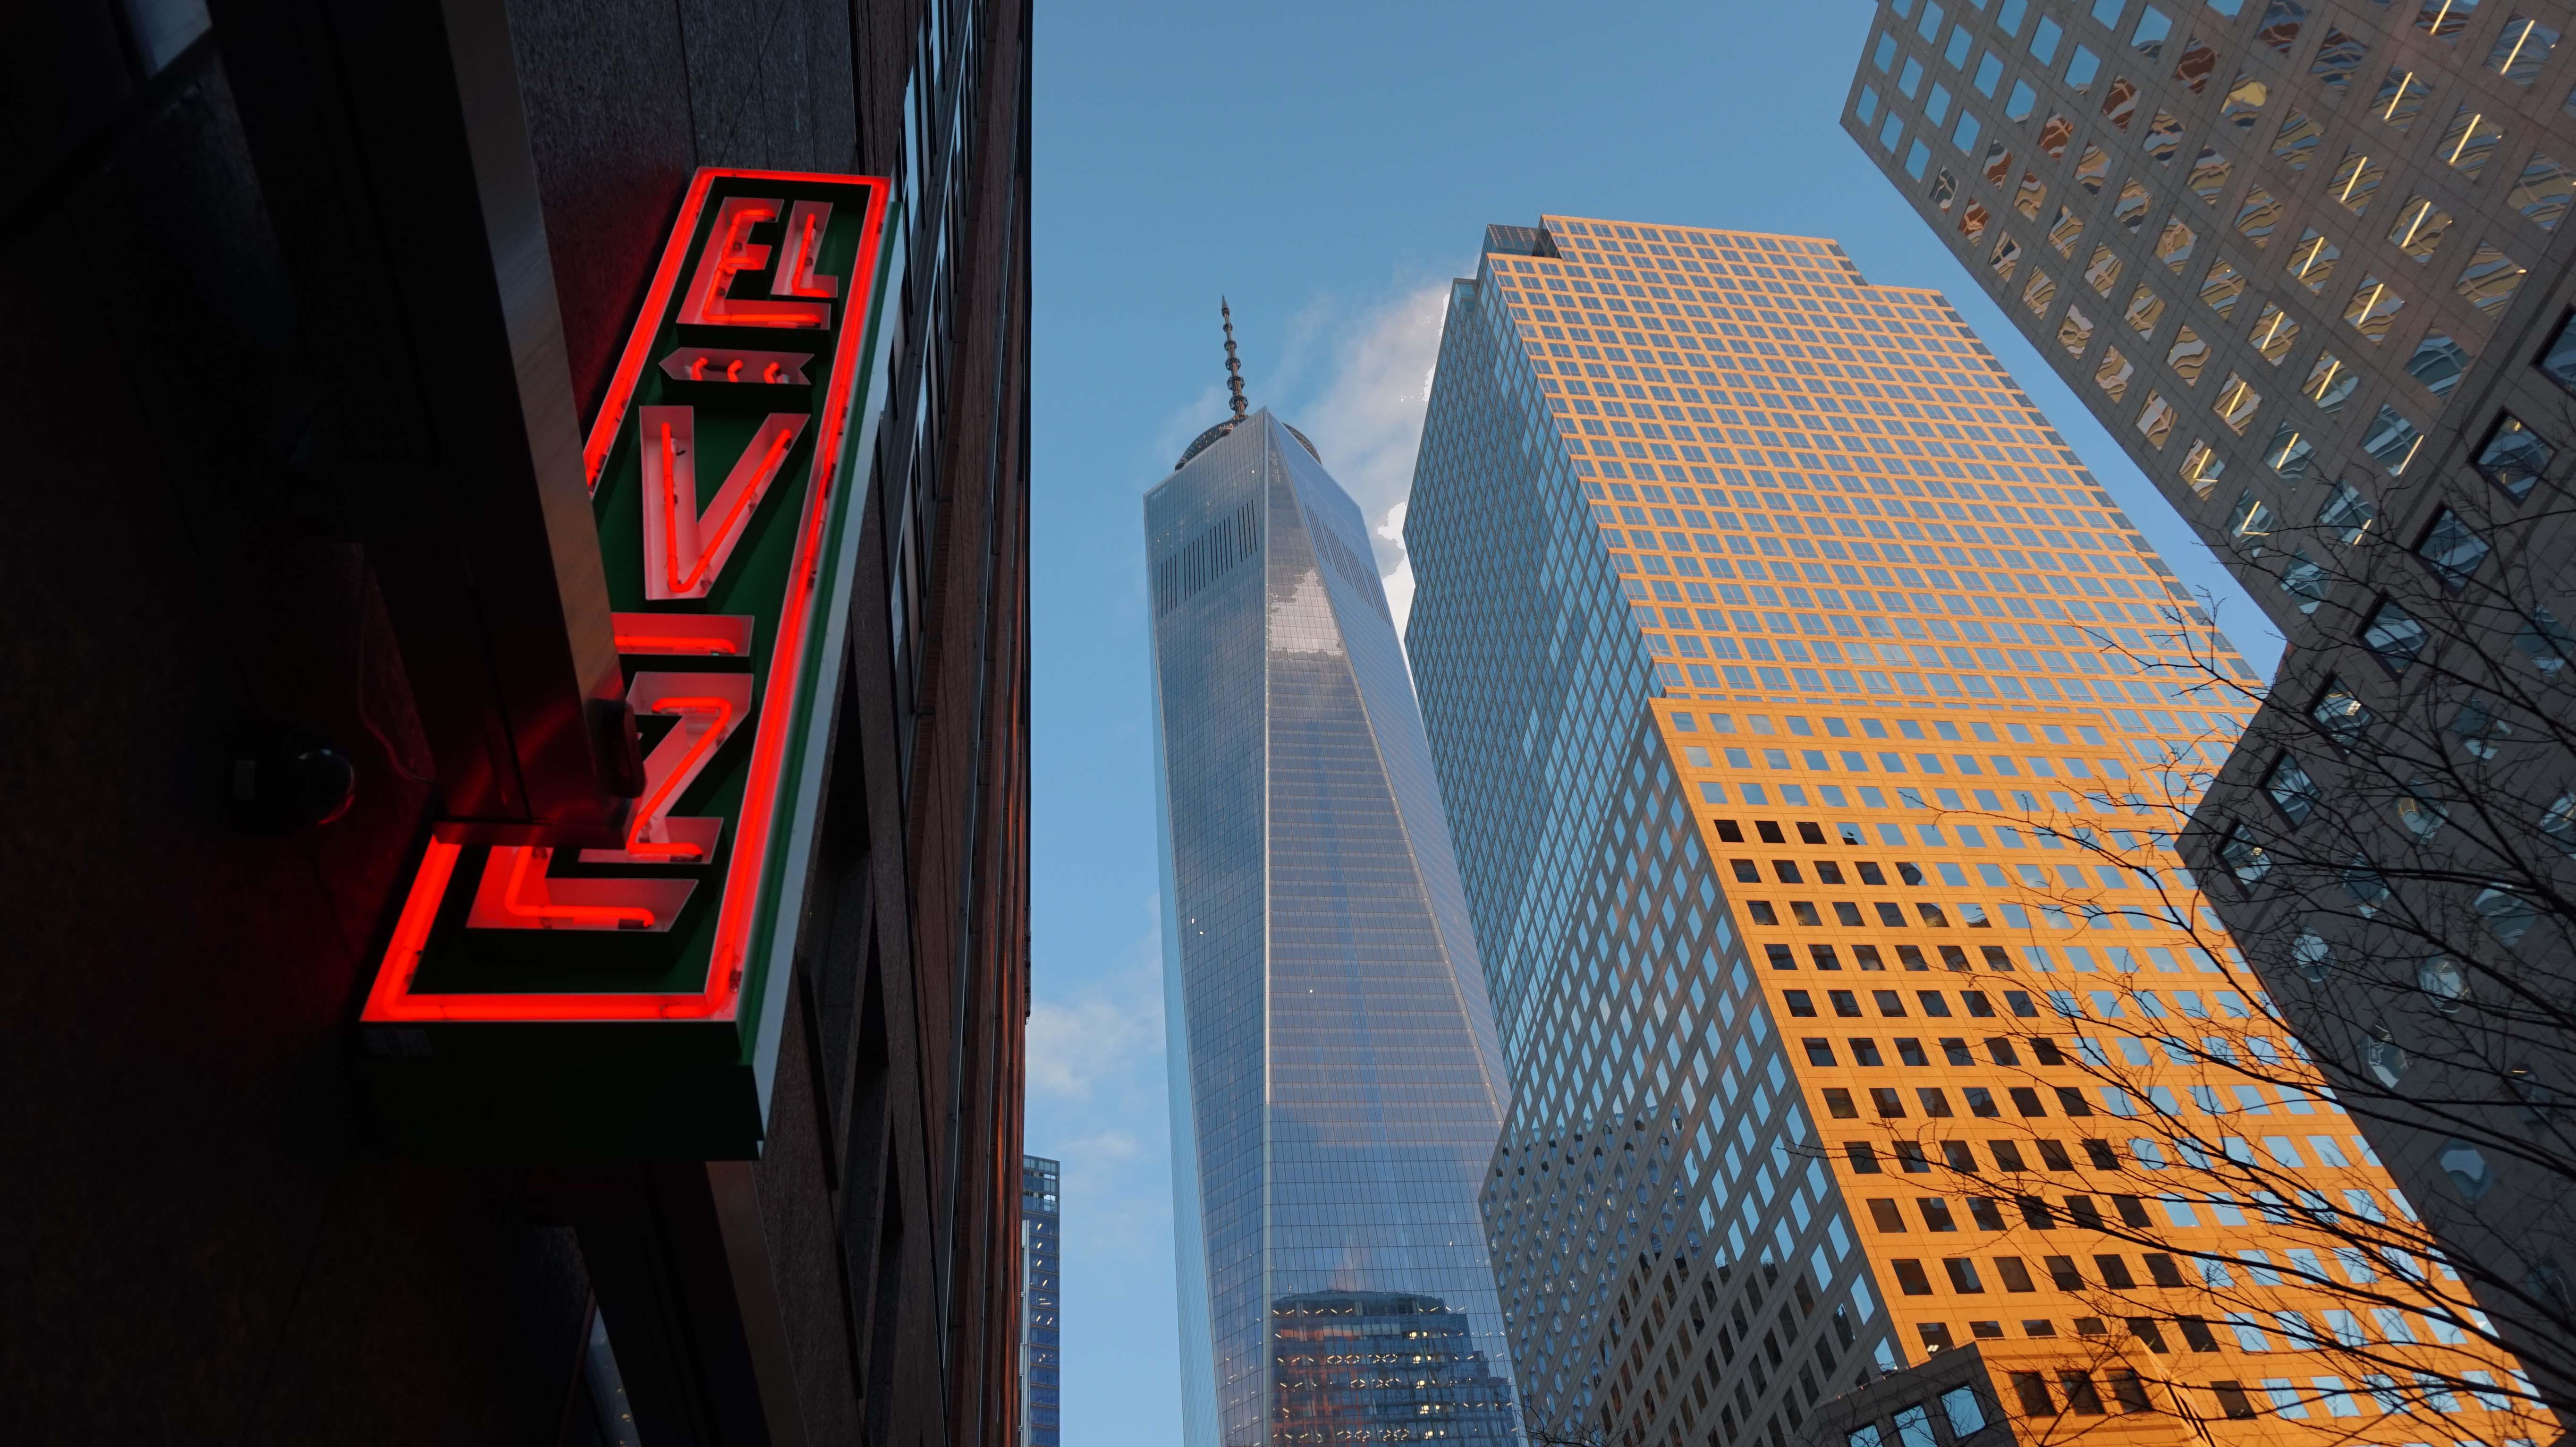 El Vez sign and WTC 12-30-2014 low